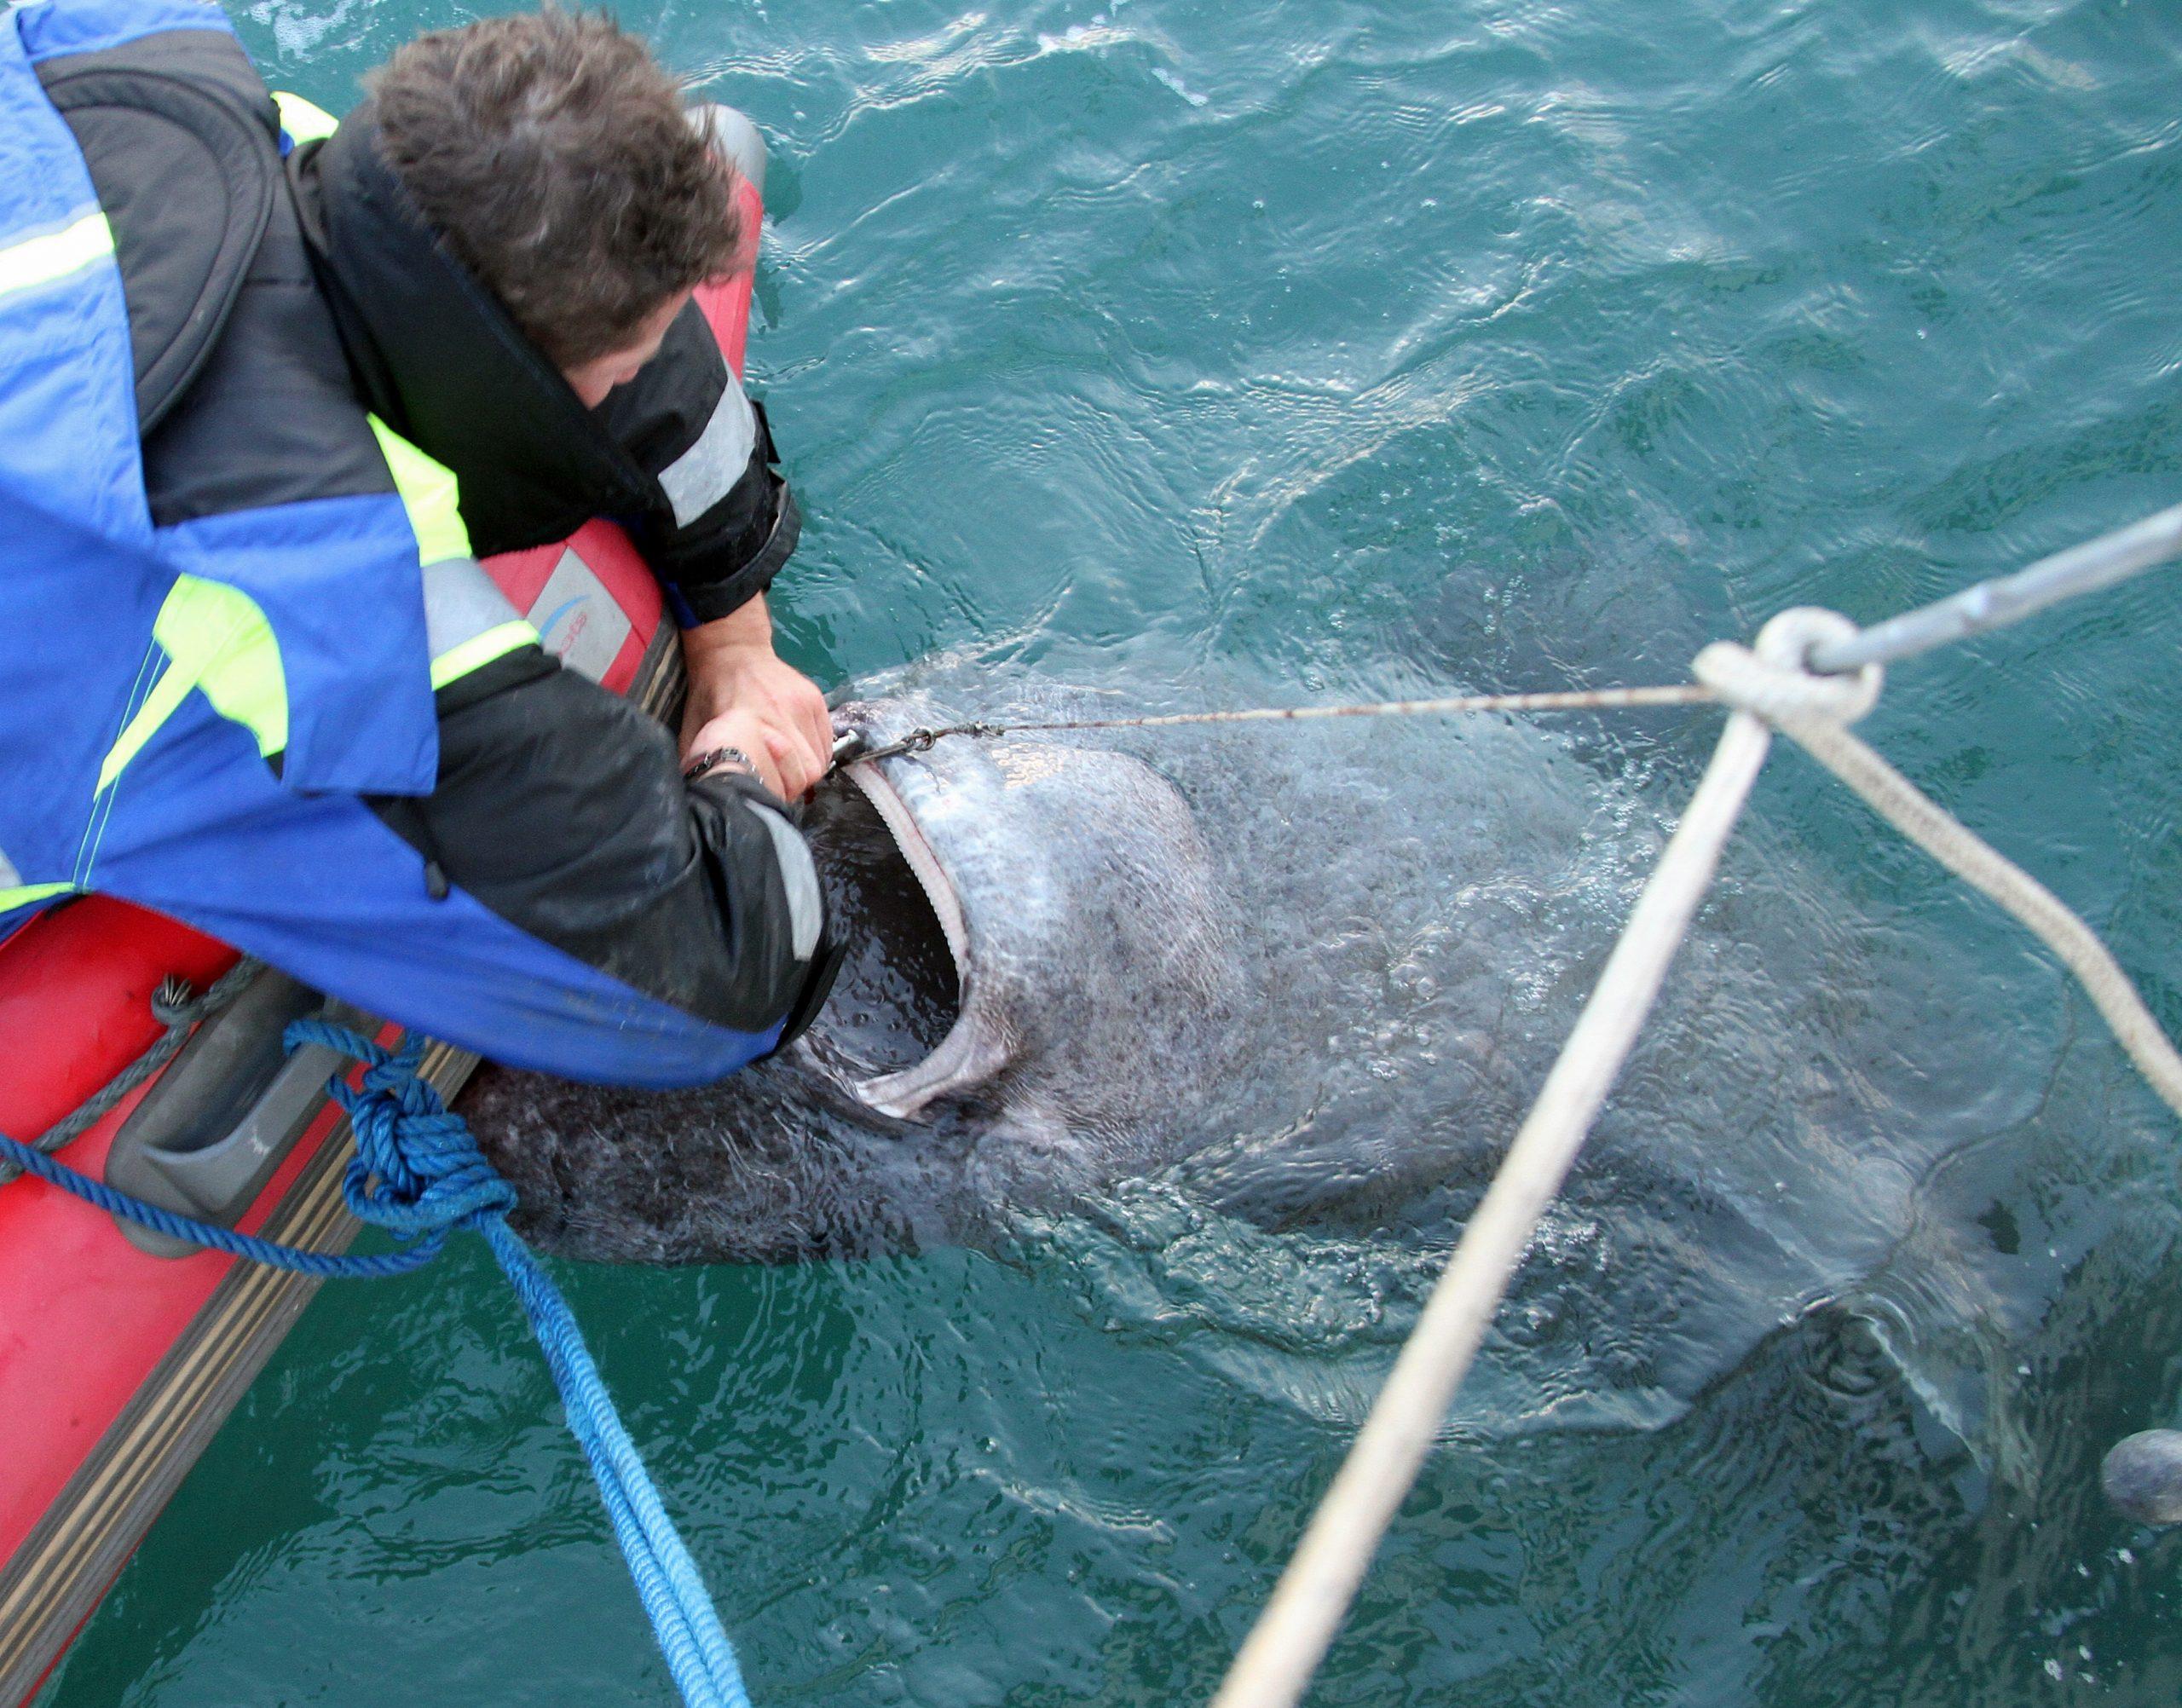 så ble den satt fri av fangstmannen og svømte rolig ned i det dype kalde vannet igjen